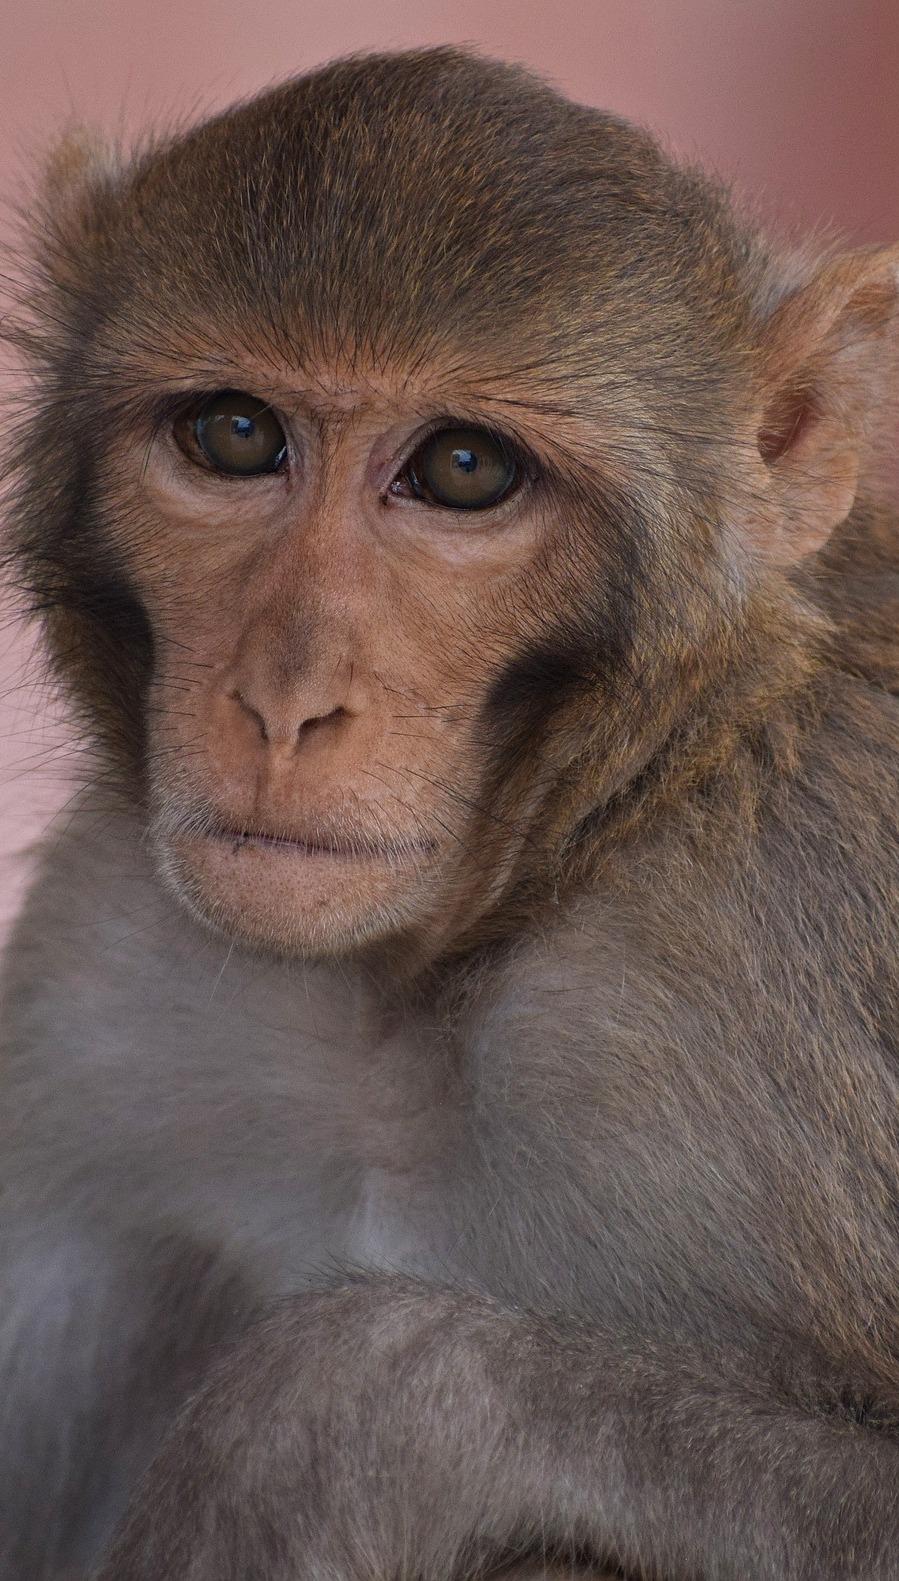 Portrait face of a monkey.